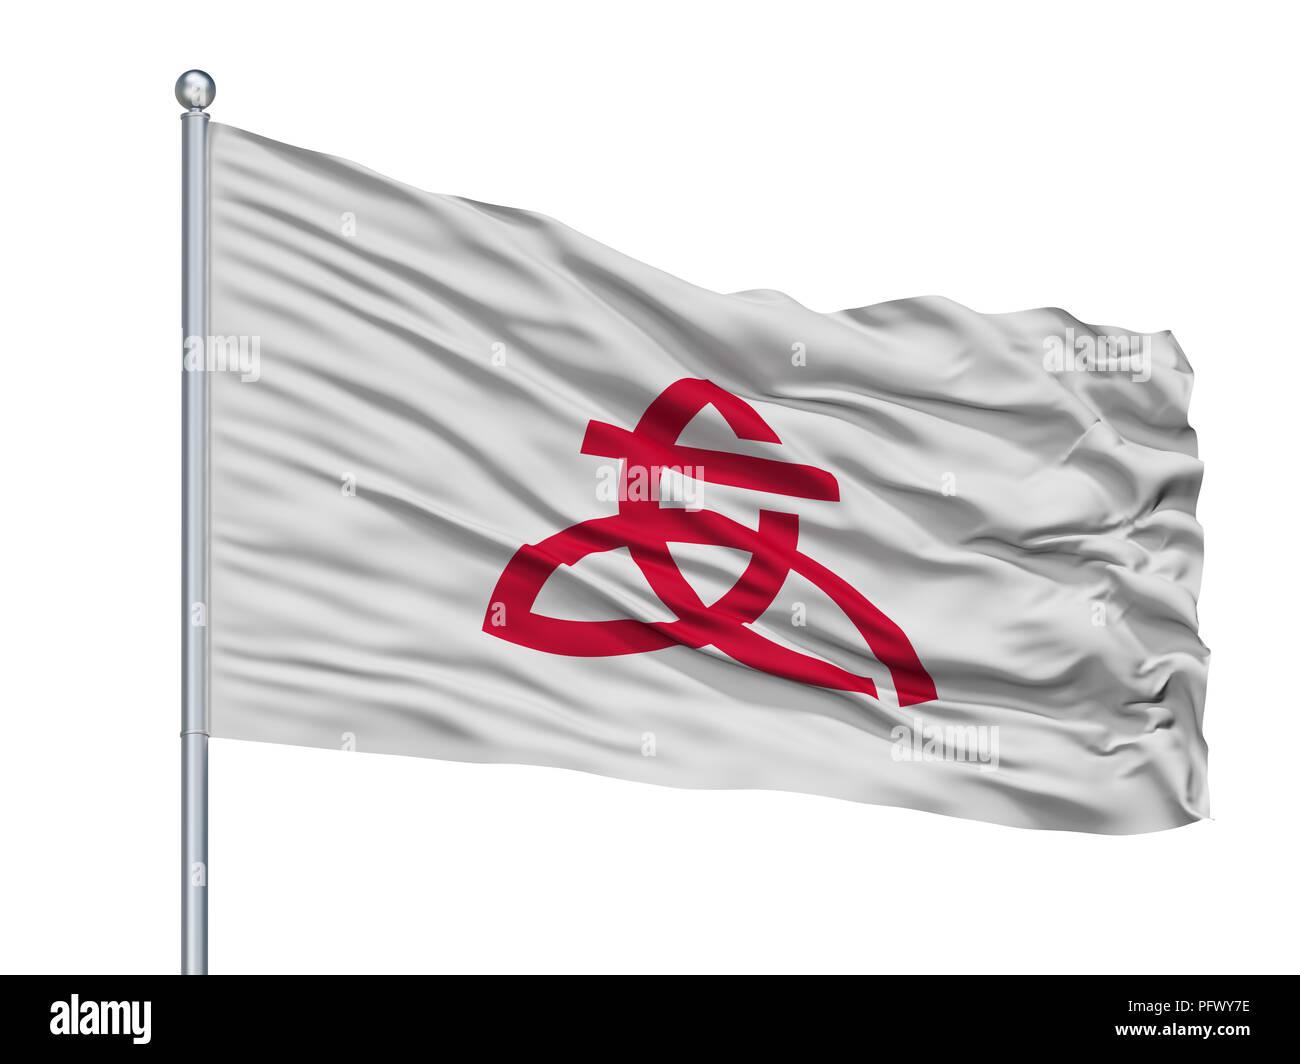 Atsugi City Flag On Flagpole, Japan, Kanagawa Prefecture, Isolated On White Background - Stock Image